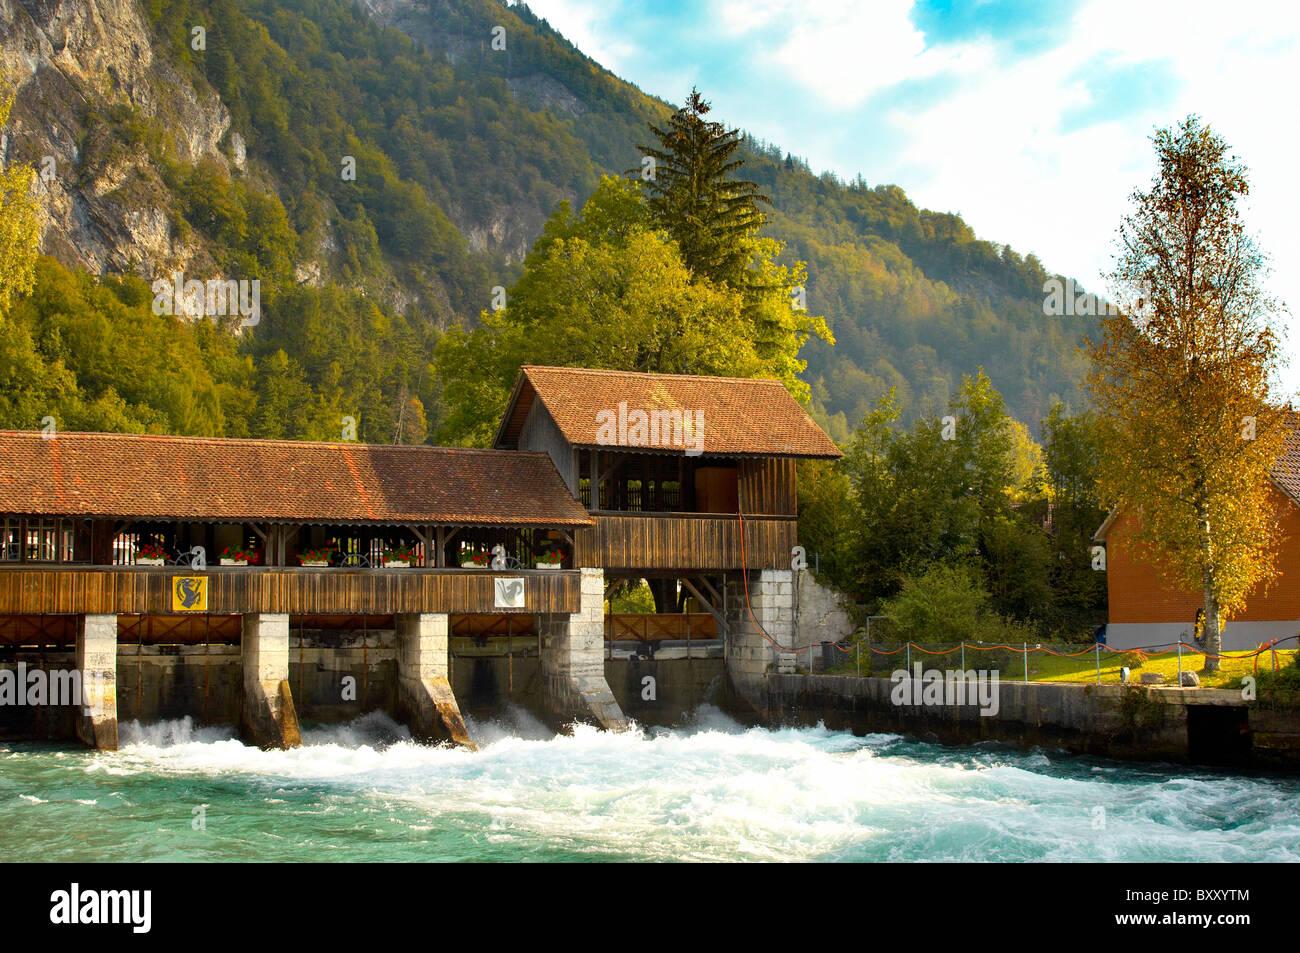 Interlaken Bernese Alps Switzerland - River and wooden wier - Stock Image